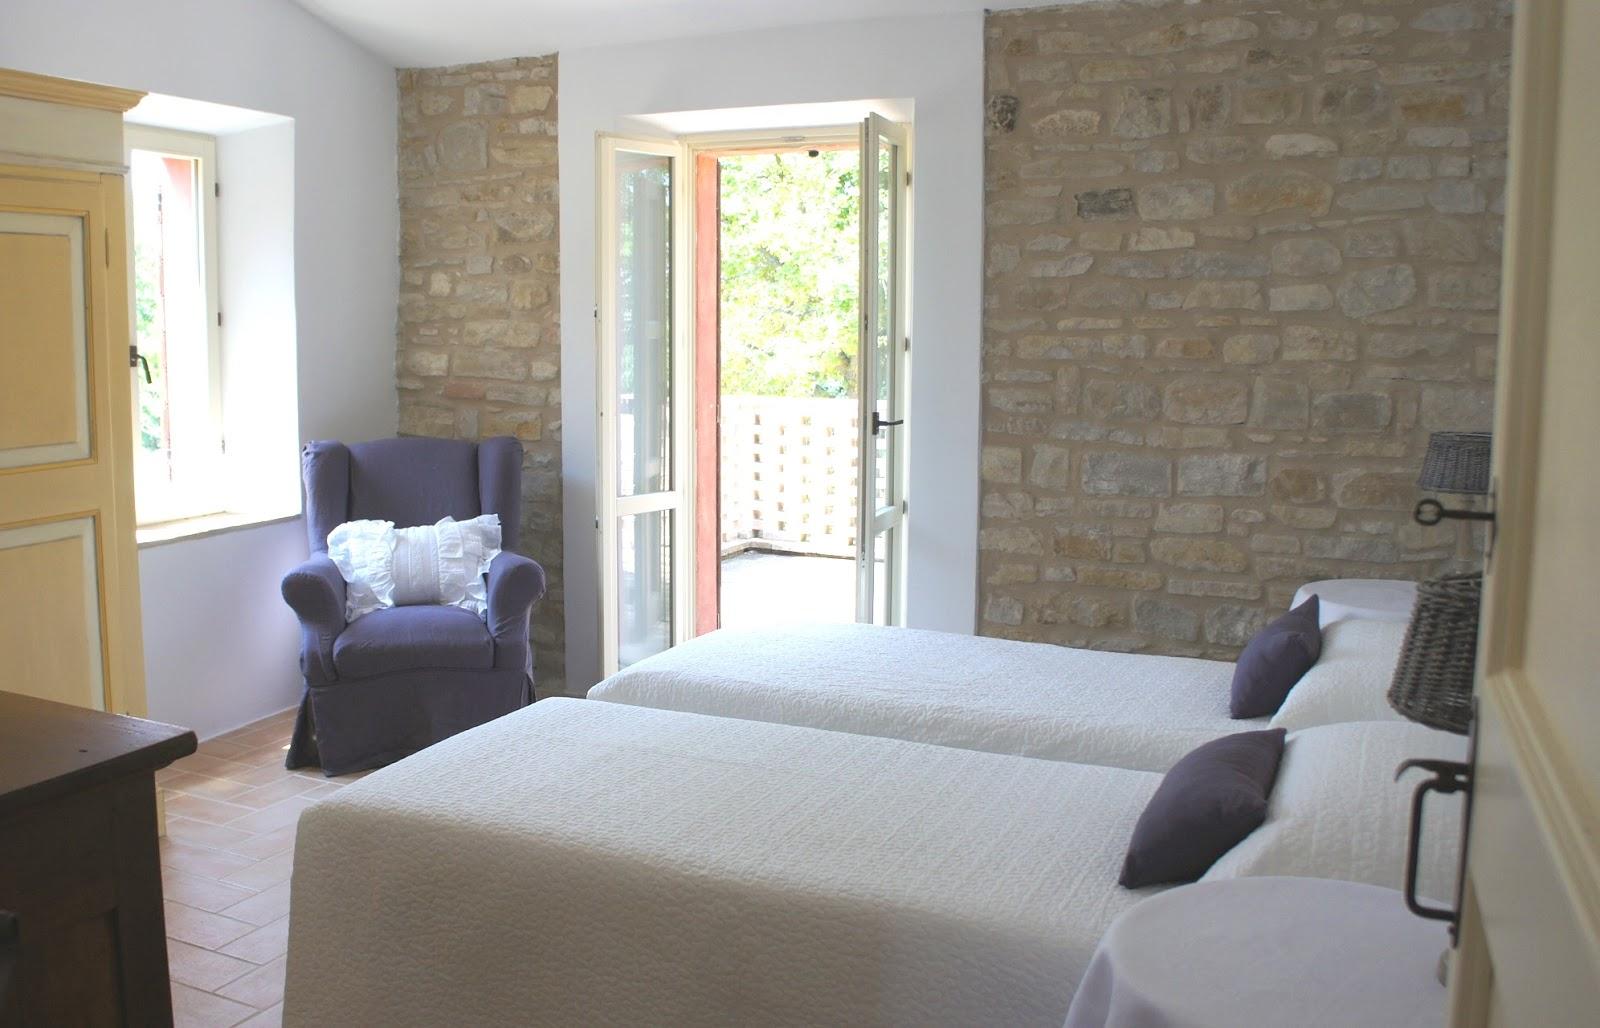 Camere Da Letto Moderne Bianche: Camere da letto saber atmosphere ...